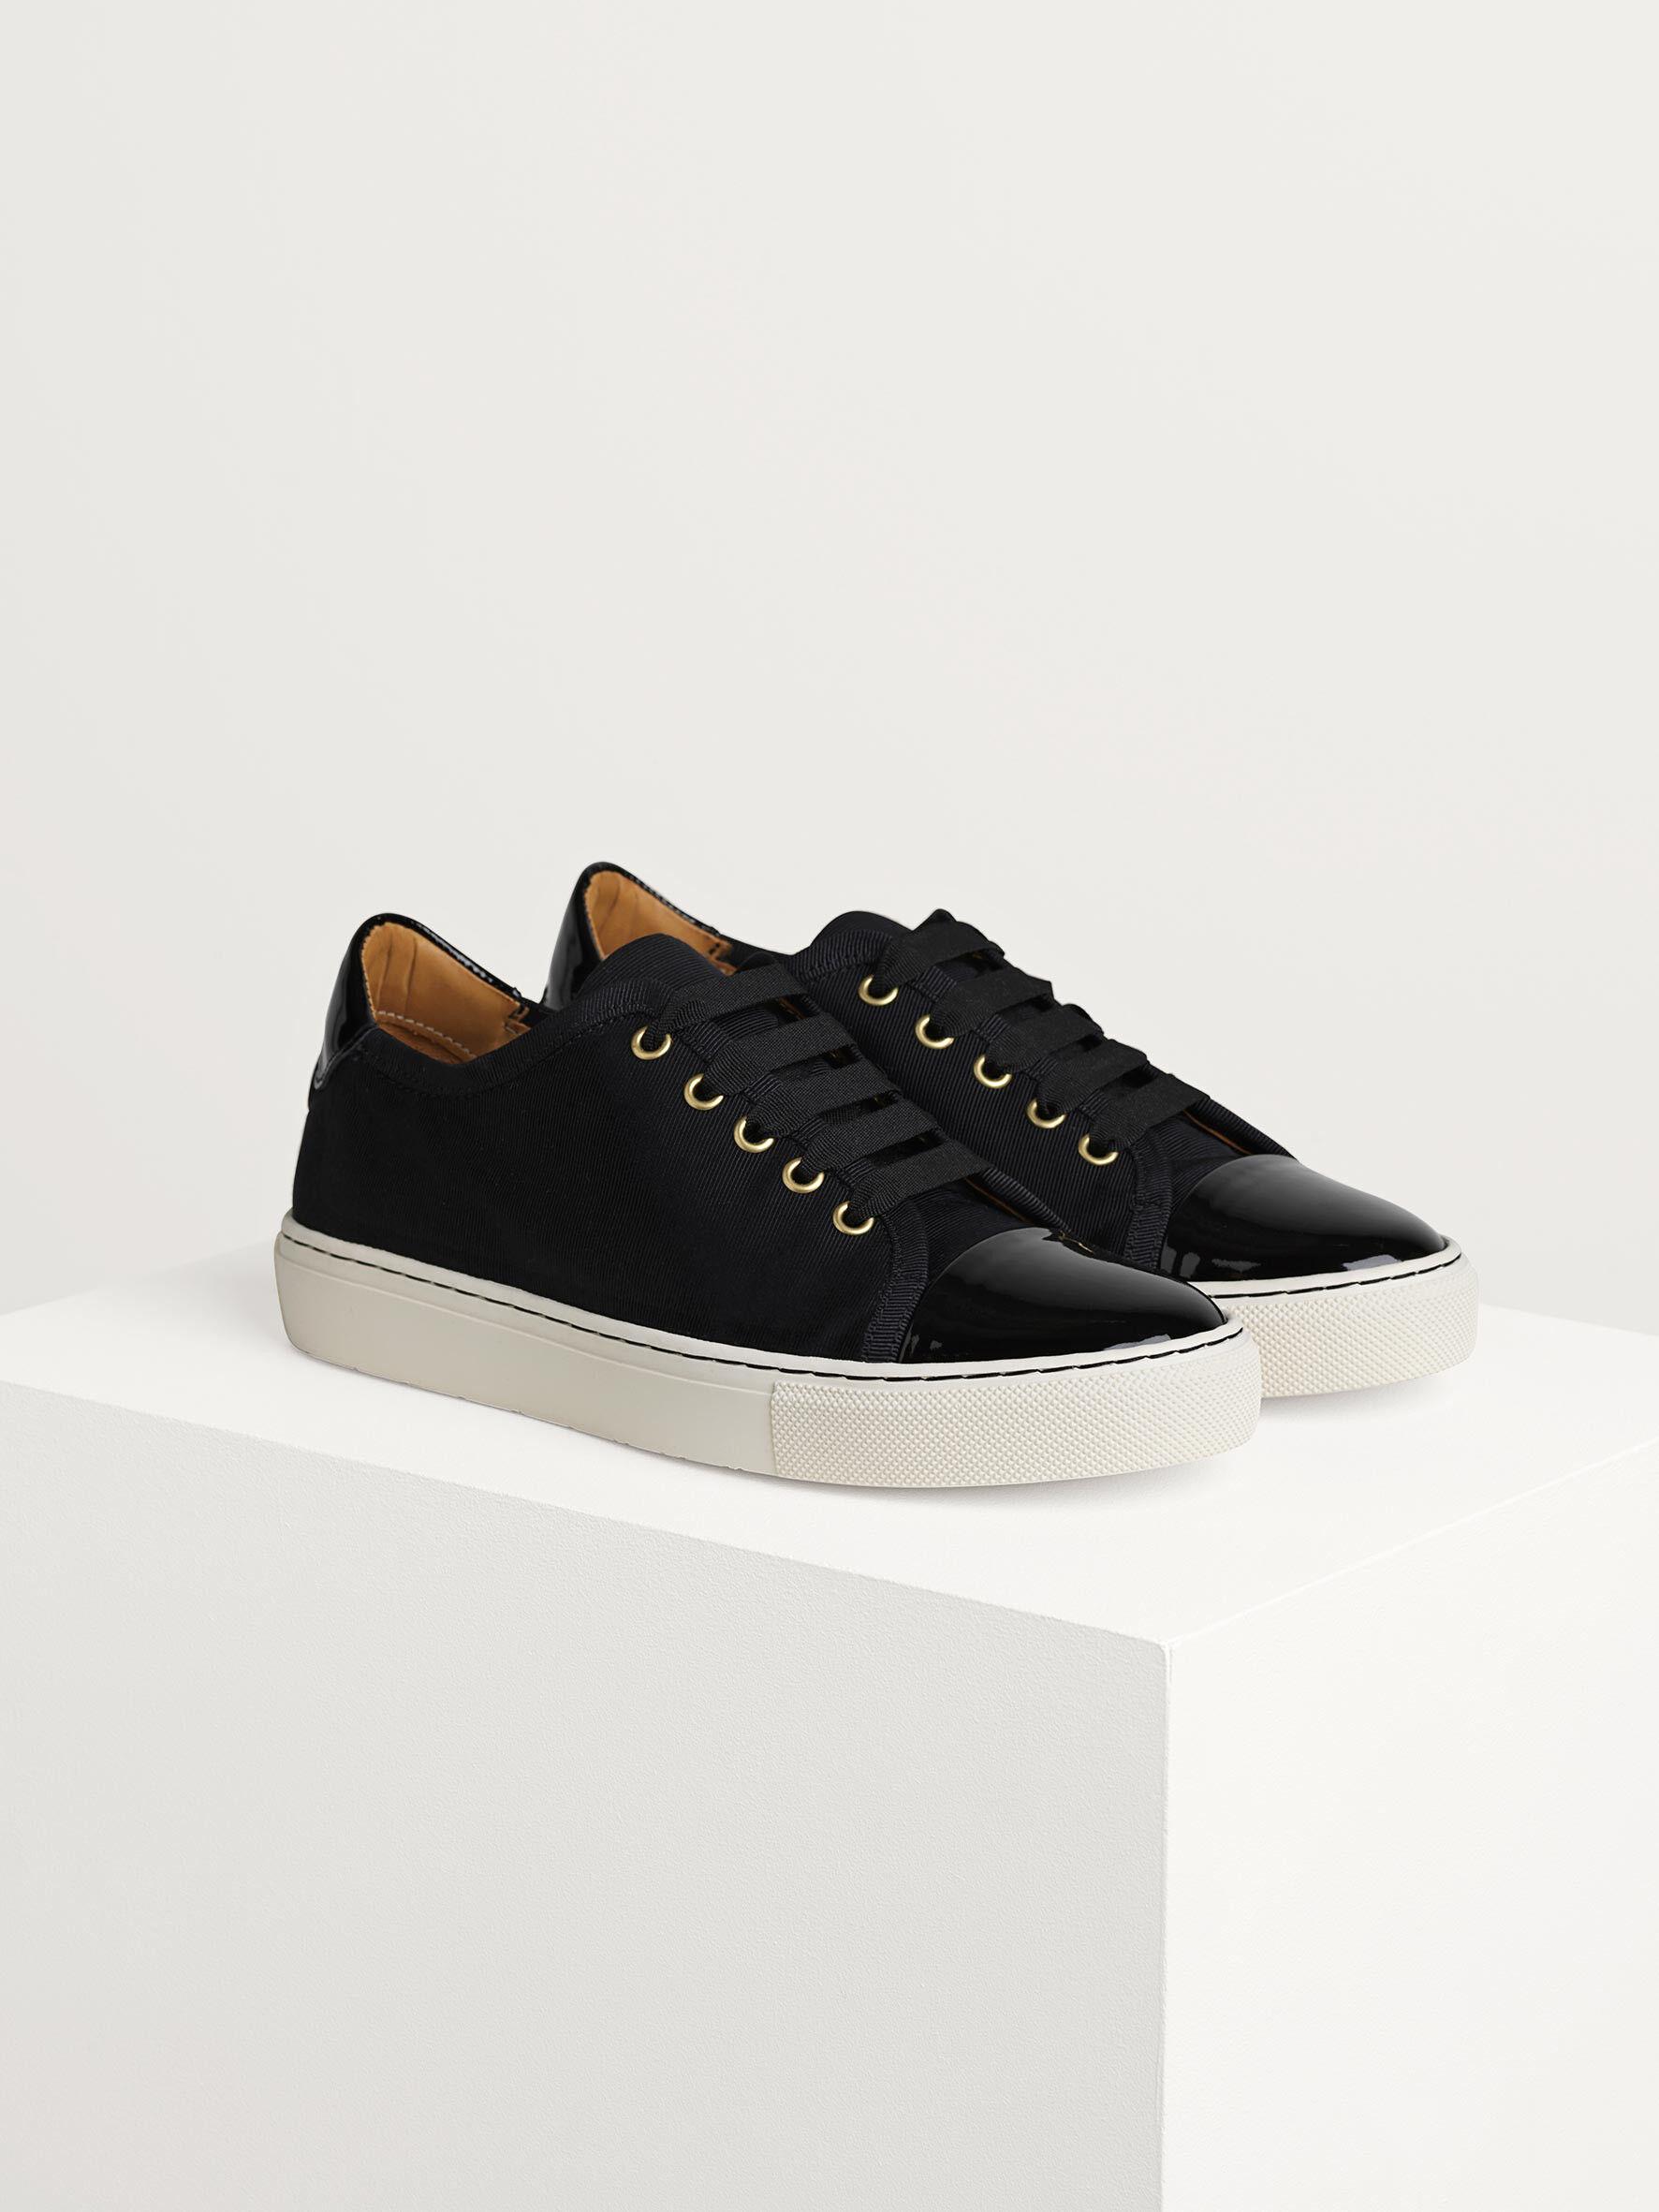 Slick Sneakers Schuhe Online kaufen